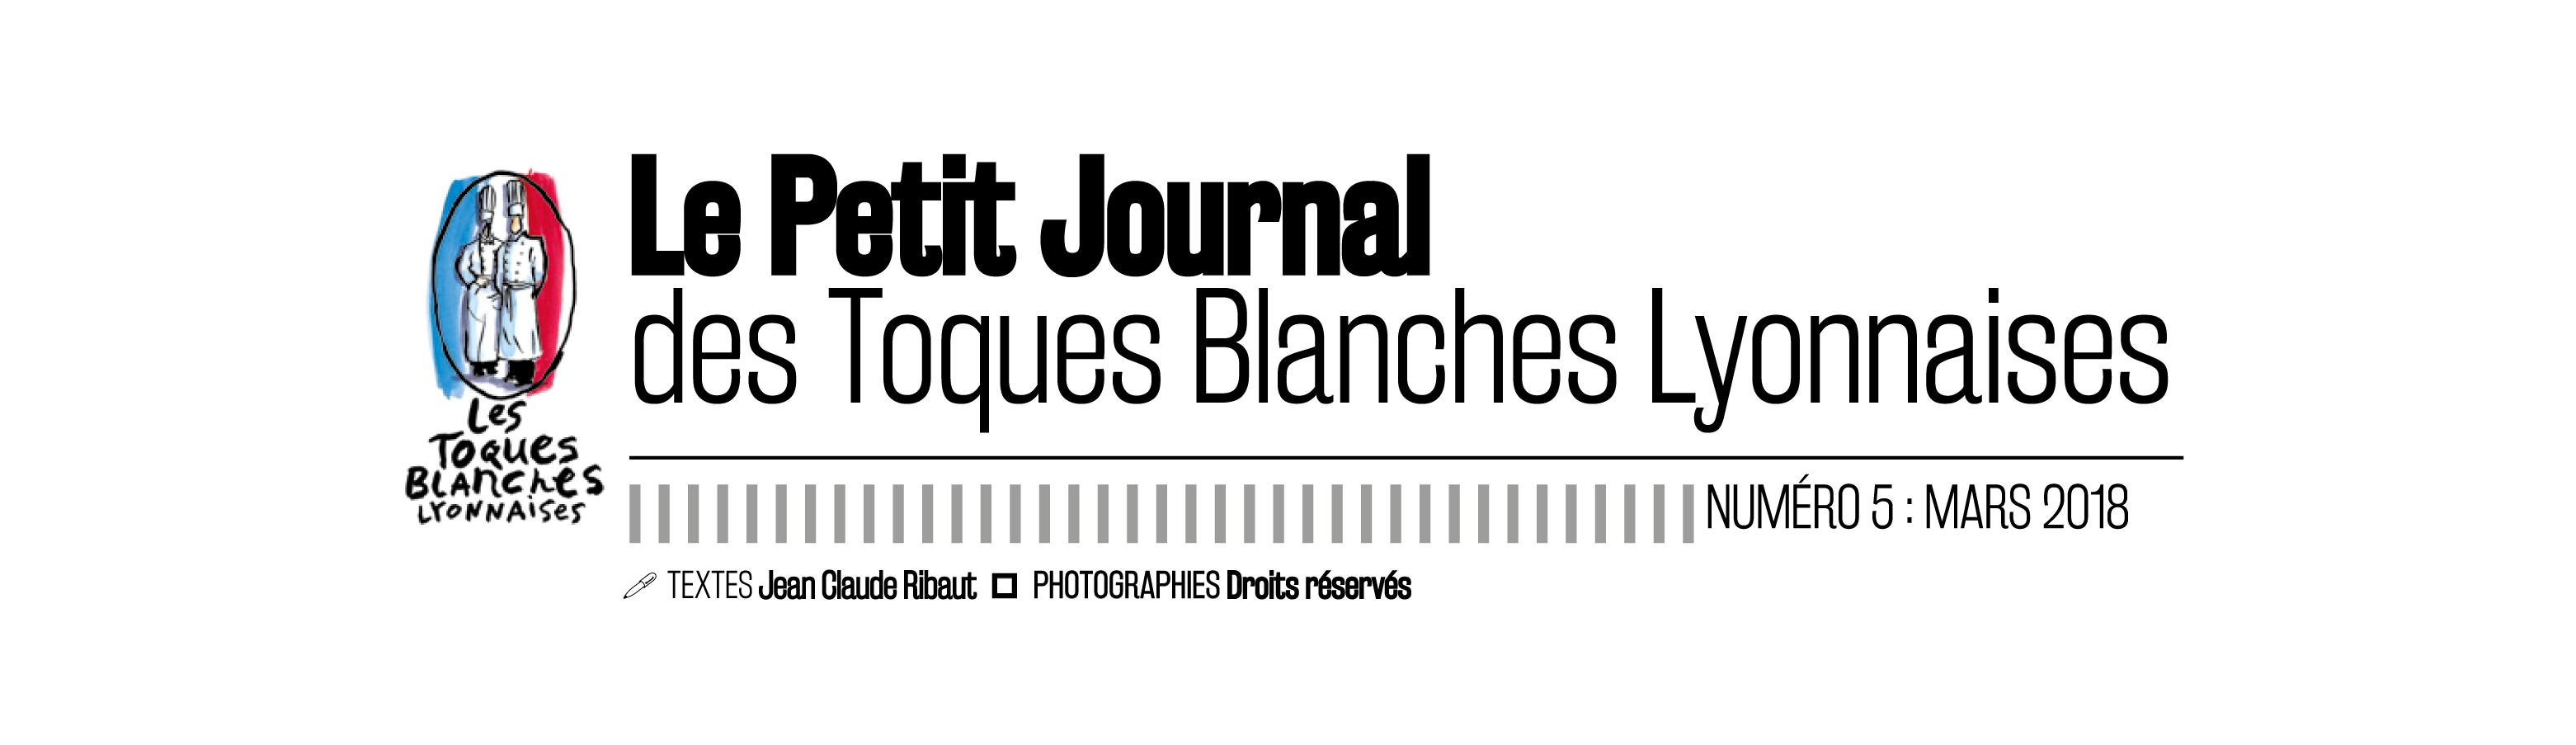 Petit journal des Toques Blanches Lyonnaises N°5